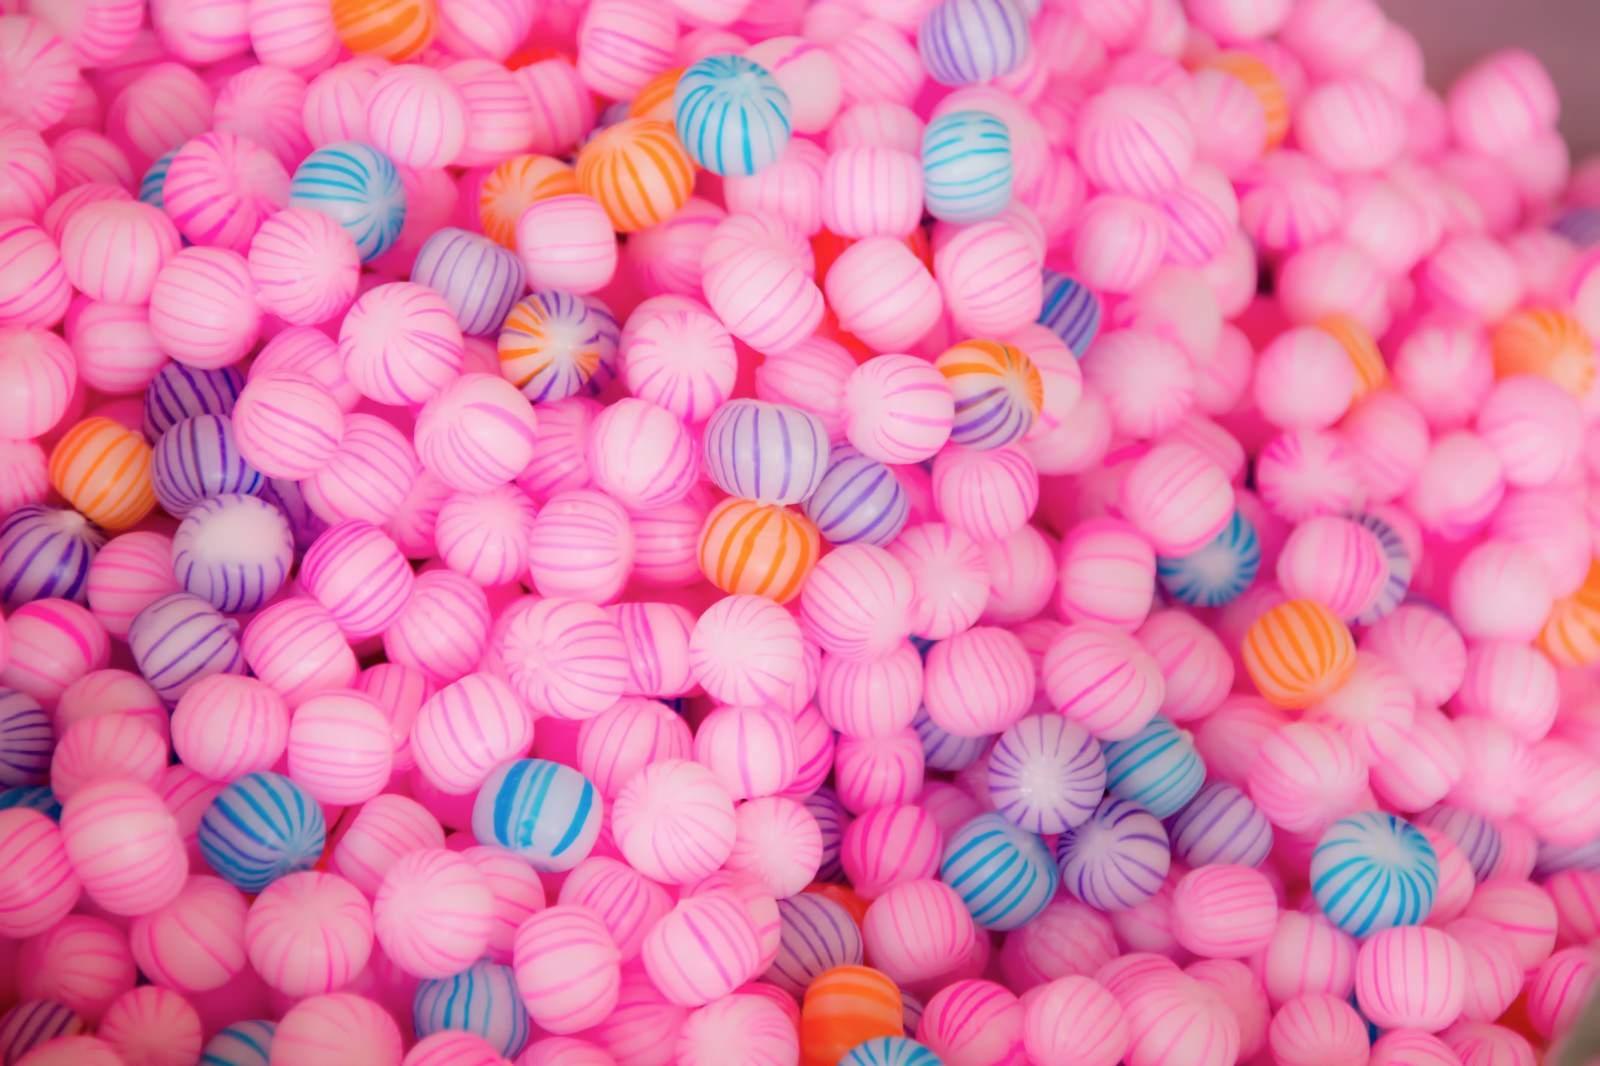 「ピンク色の丸い飴」の写真